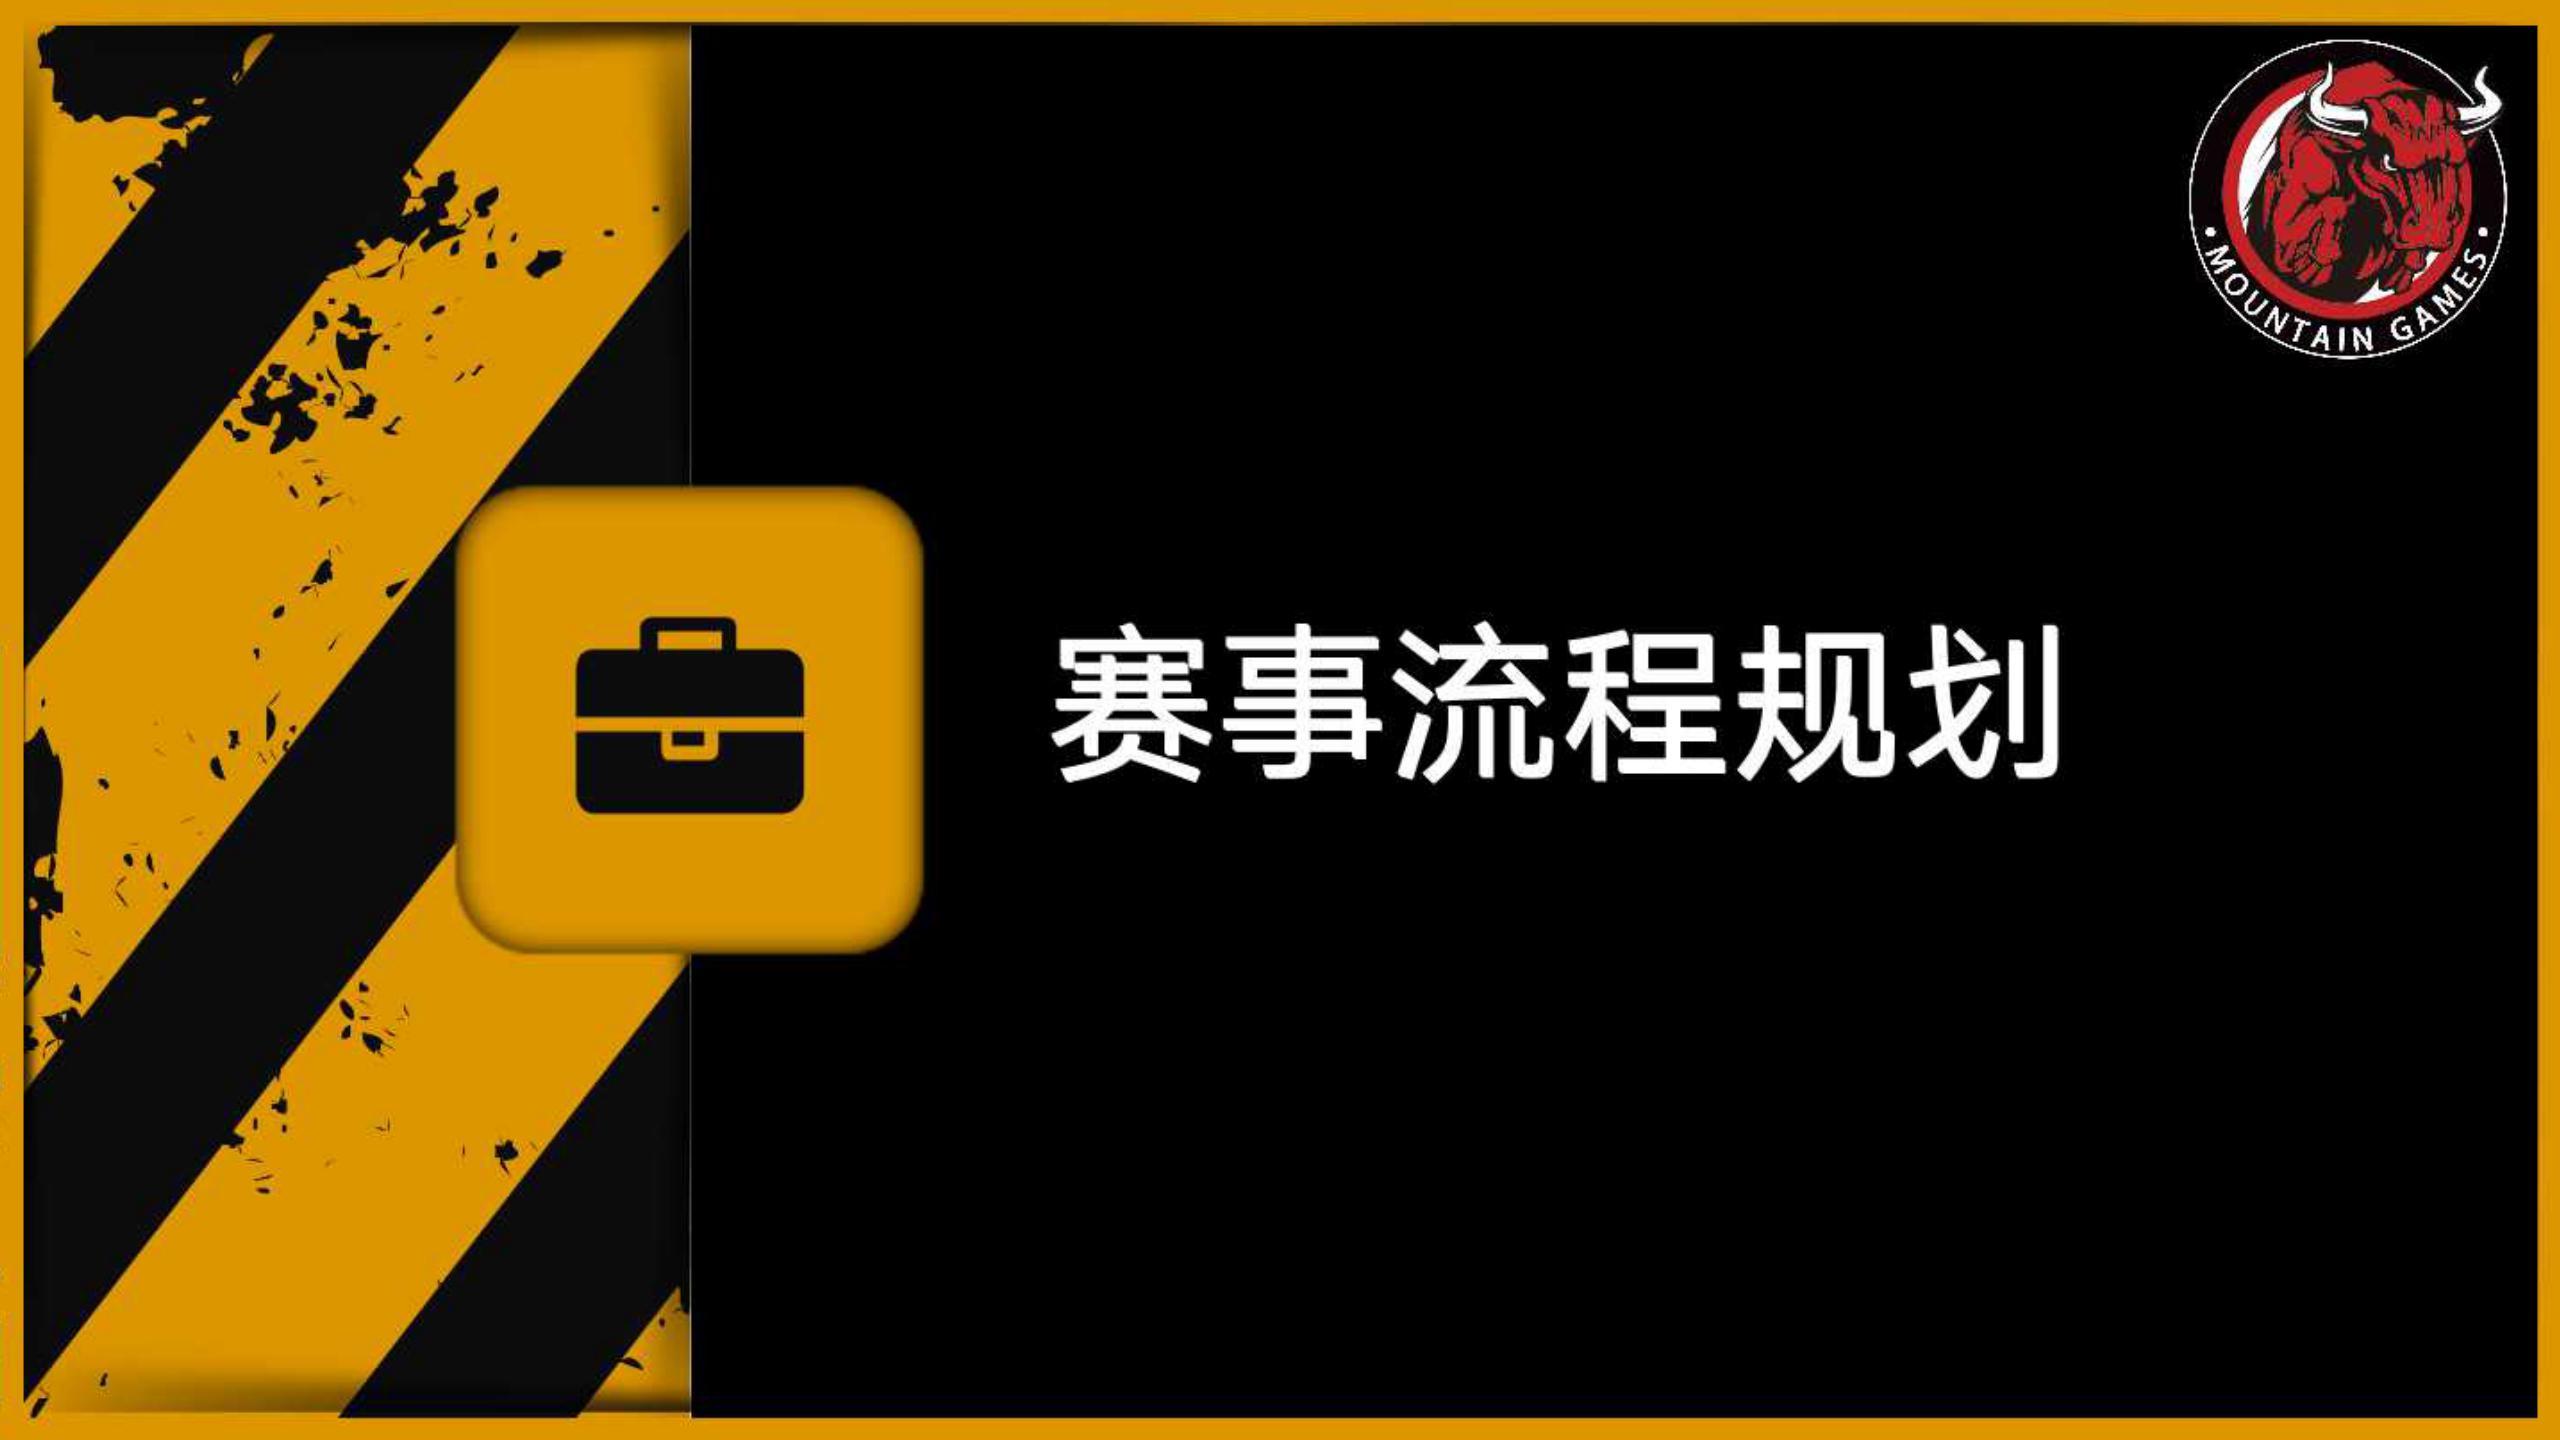 風之谷勇士挑戰賽toB端方案_09